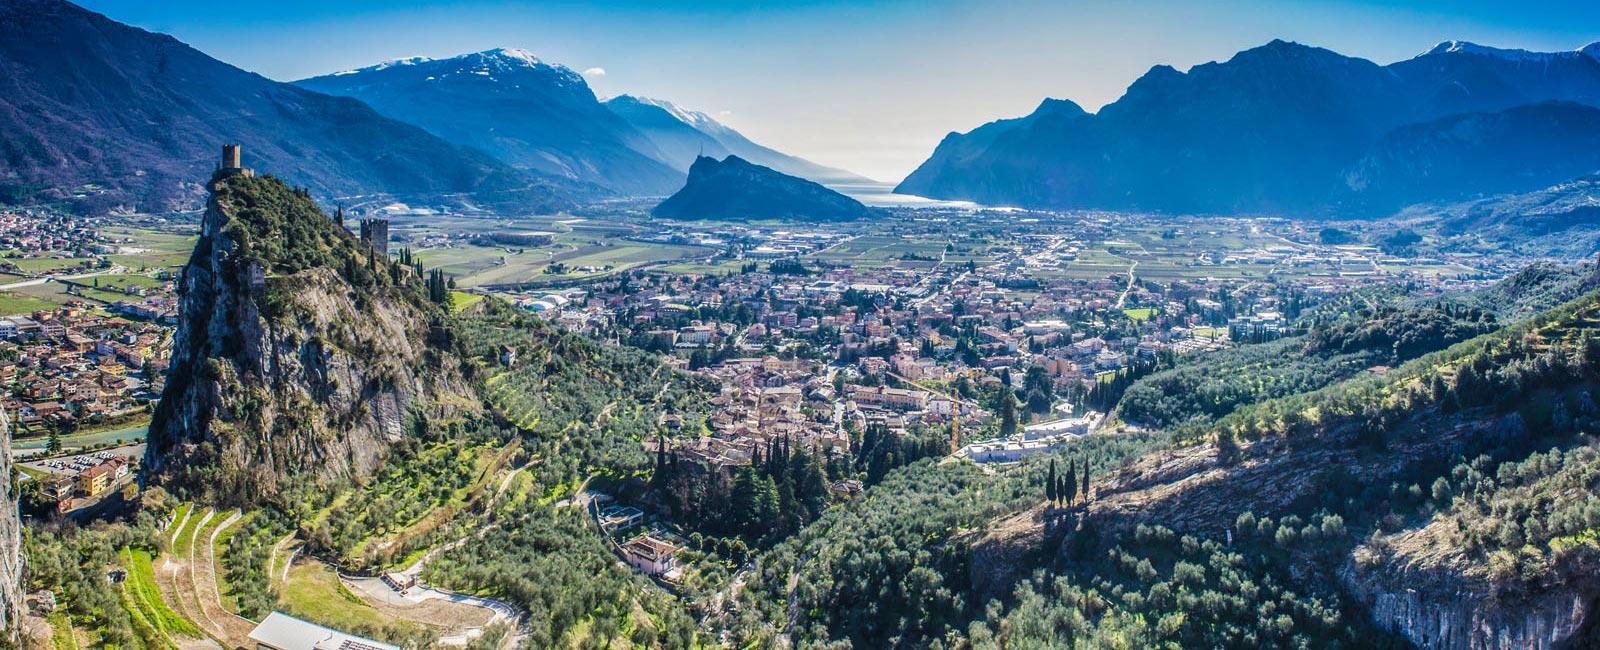 Guide Alpine Arco Trentino Lago di Garda